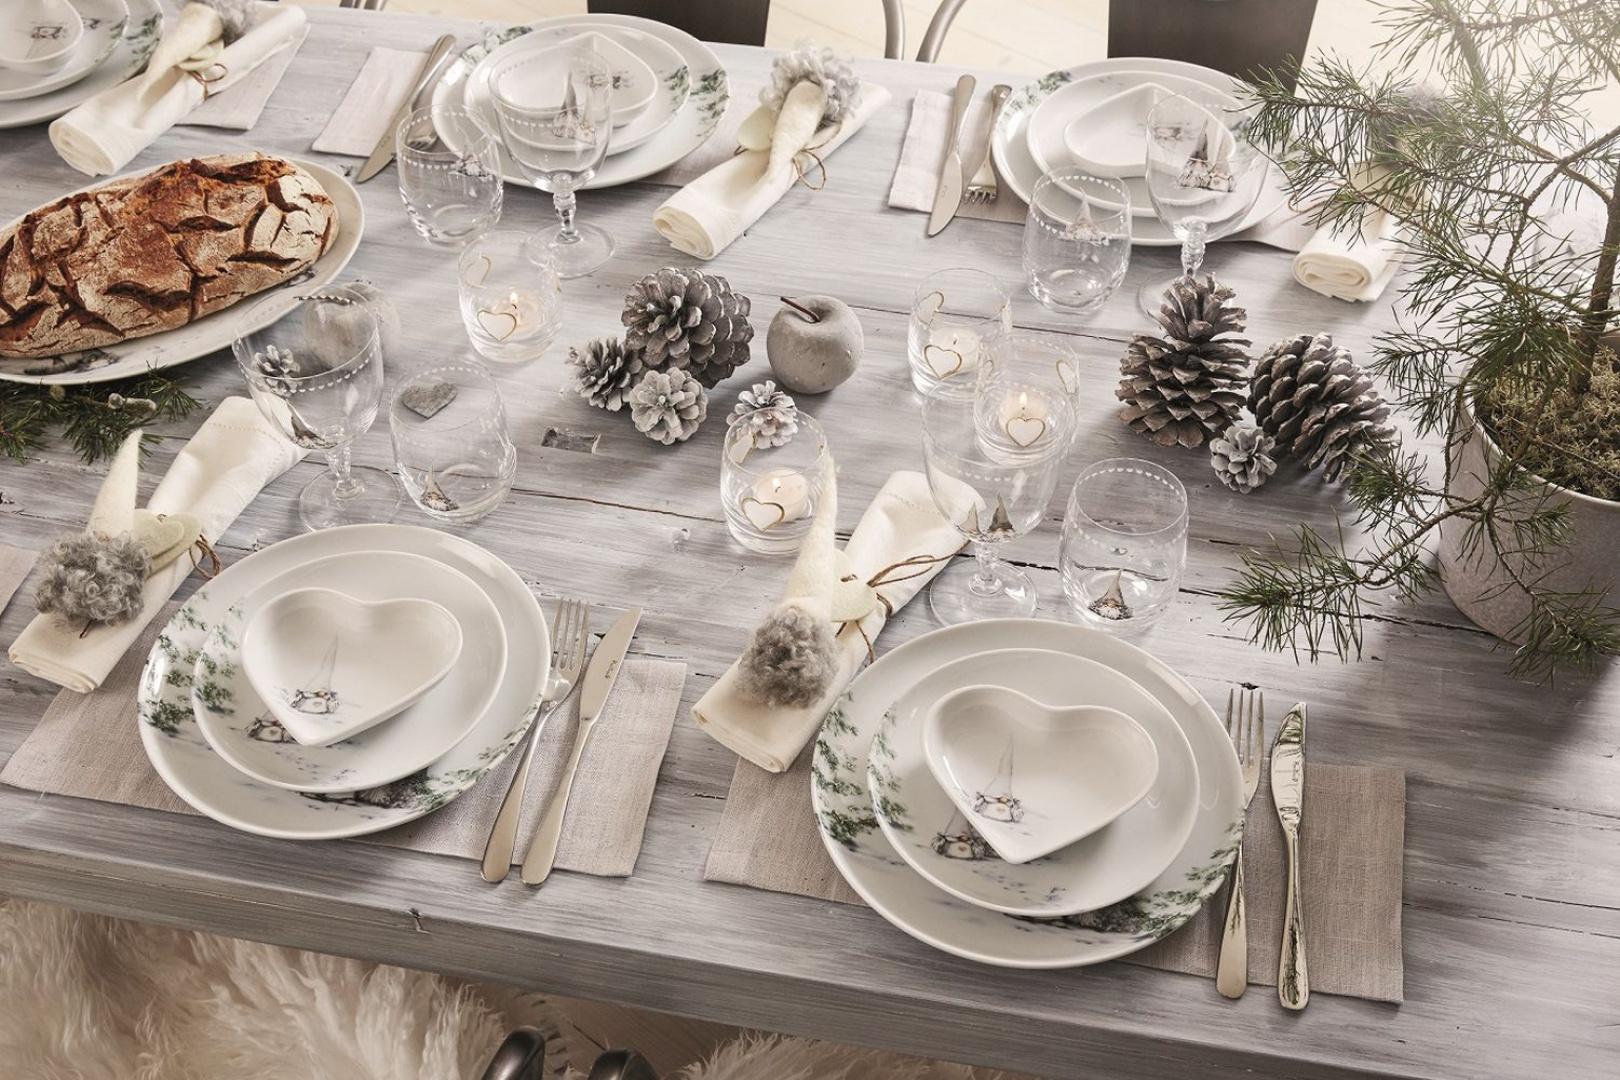 Wielbiciele skandynawskiej stylistyki z pewnością docenią aranżację, w której zamiast obrusu tło dla zastawy i dekoracji stanowi... sam drewniany stół. Z bielonym drewnem pięknie harmonizuje biało-zielona porcelana z kolekcji Asa's Christmas, kryształy i posrebrzane szyszki. Fot. Fyrklovern.